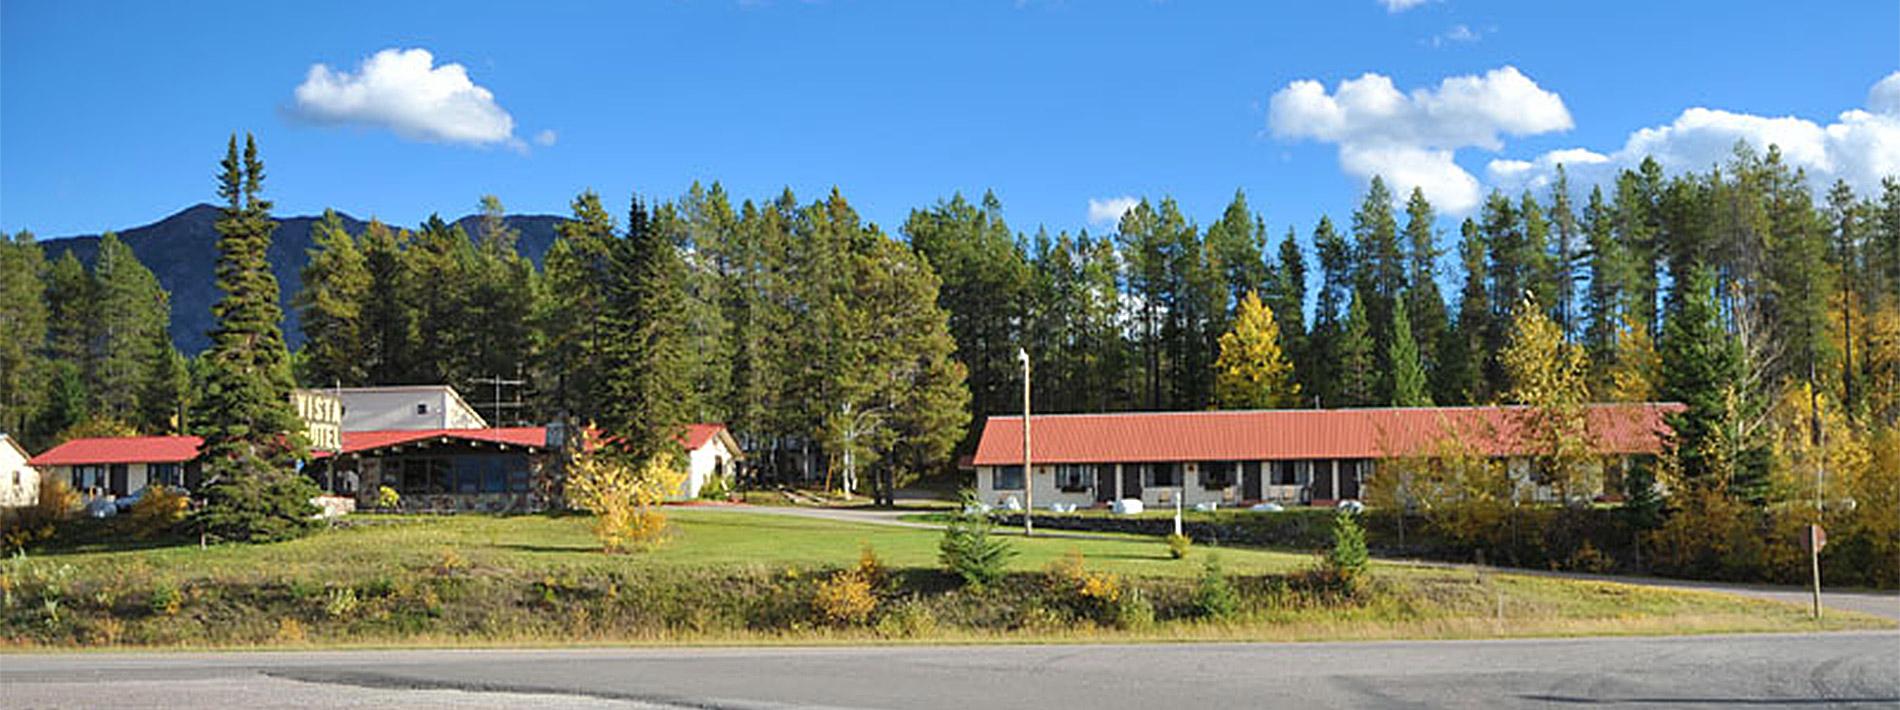 Motel in West Glacier, MT | Motel Rooms | Glacier Vista Motel